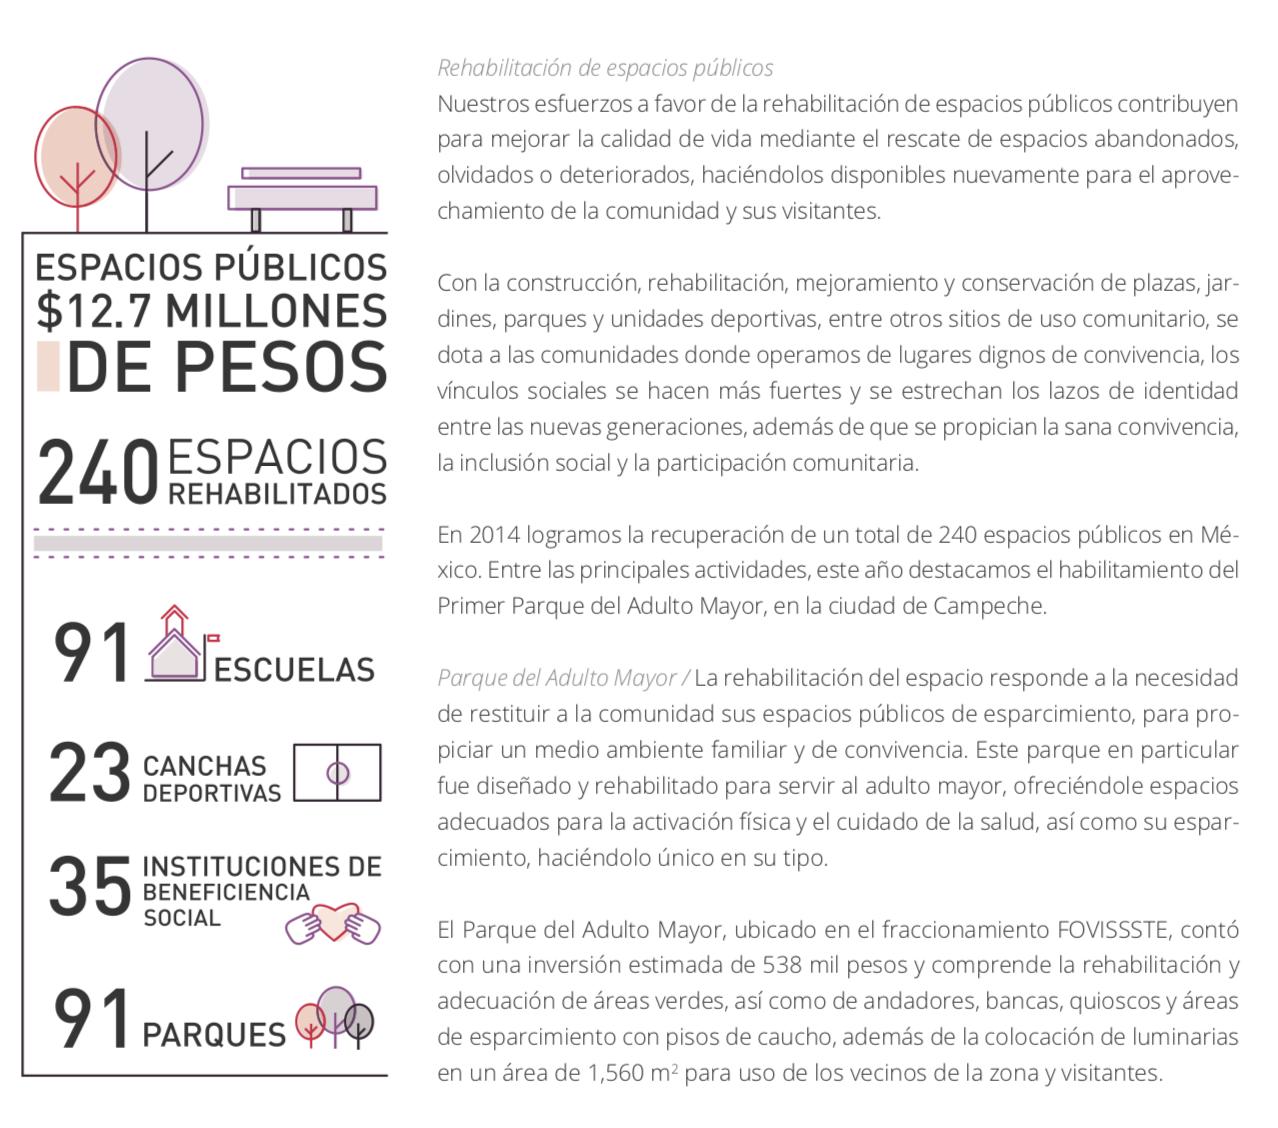 Apartado sobre  Rehabilitación de espacios públicos  en el Informe de Responsabilidad Social 2014 [ PDF ] de FEMSA Comercio.